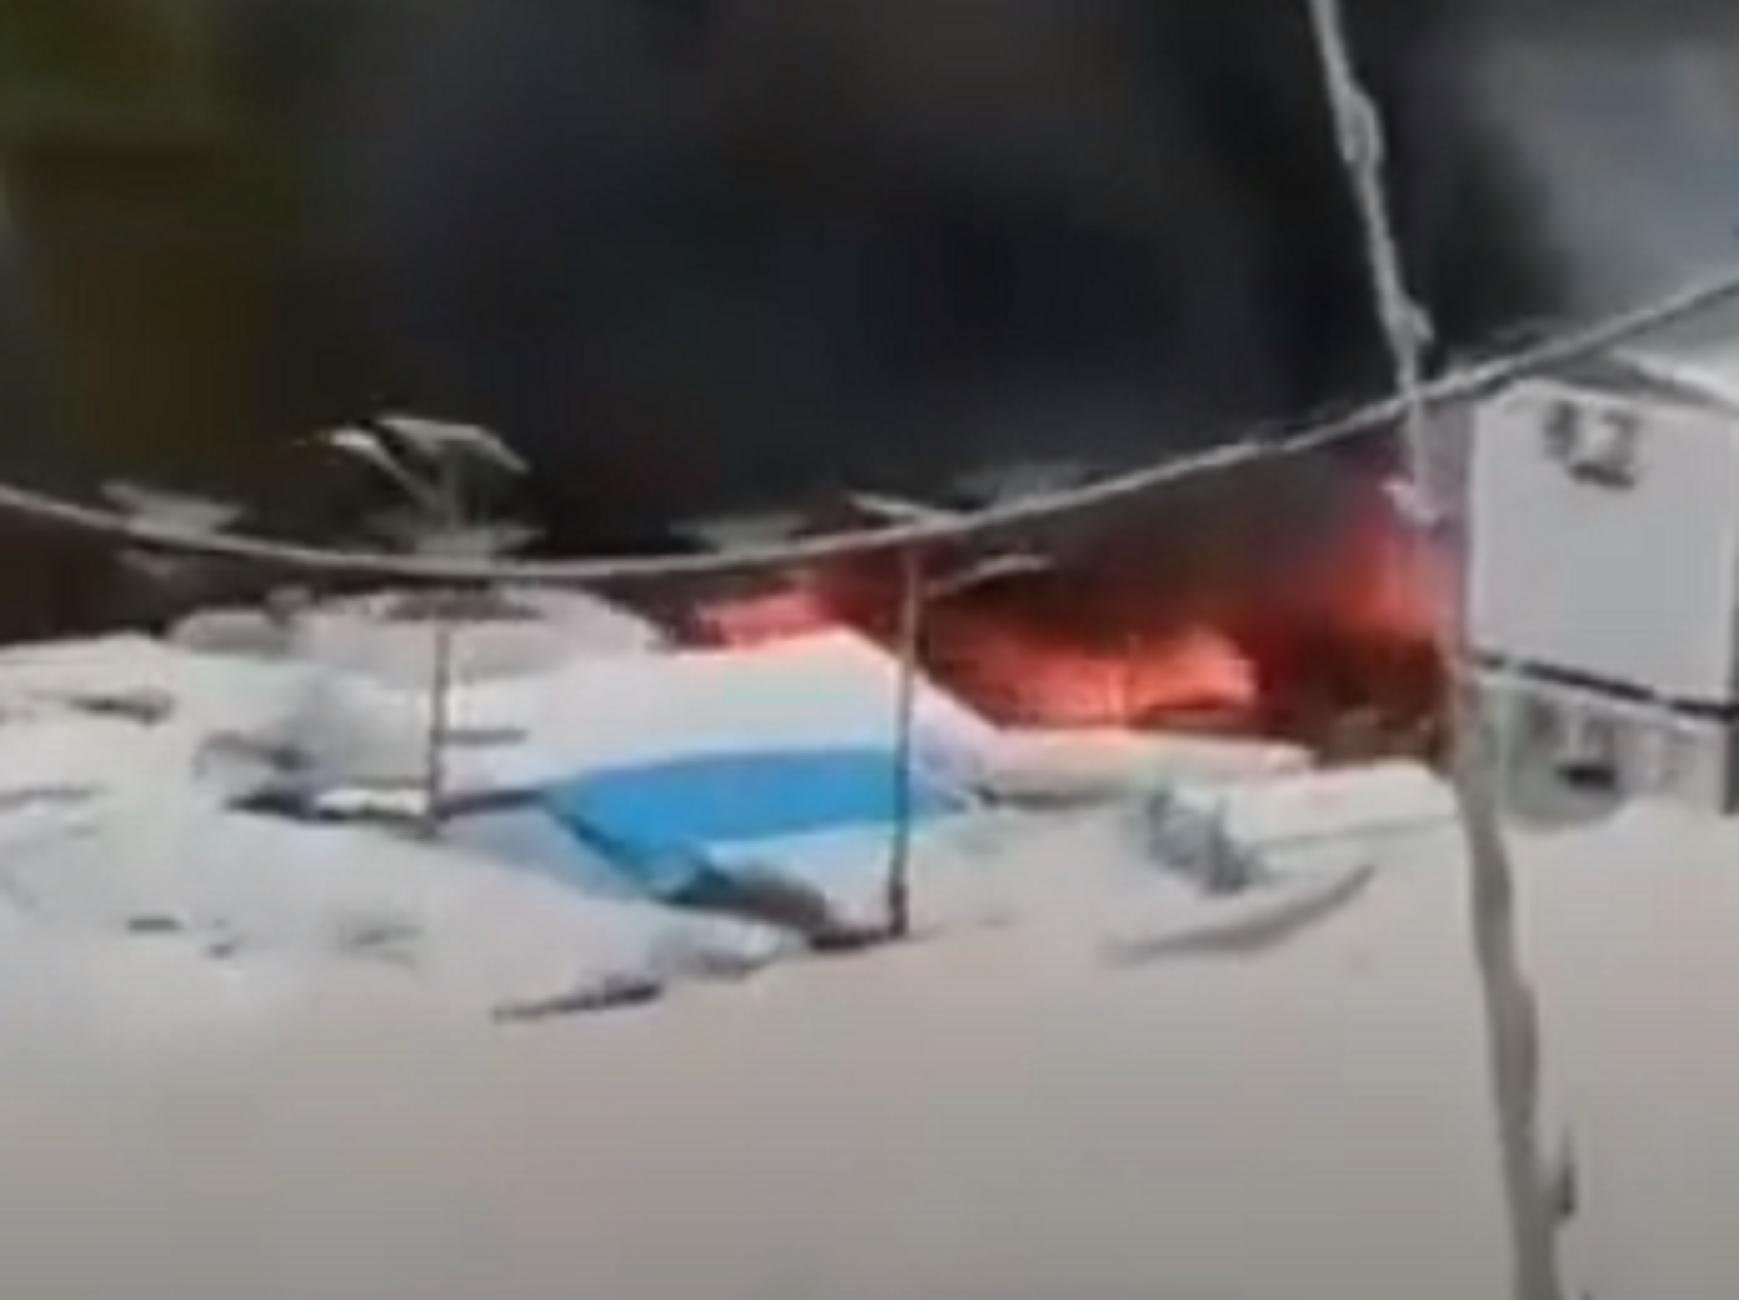 Χίος: Καταστροφές από μεγάλη φωτιά στον καταυλισμό της ΒΙΑΛ – Τι δείχνουν τα πρώτα στοιχεία (video)